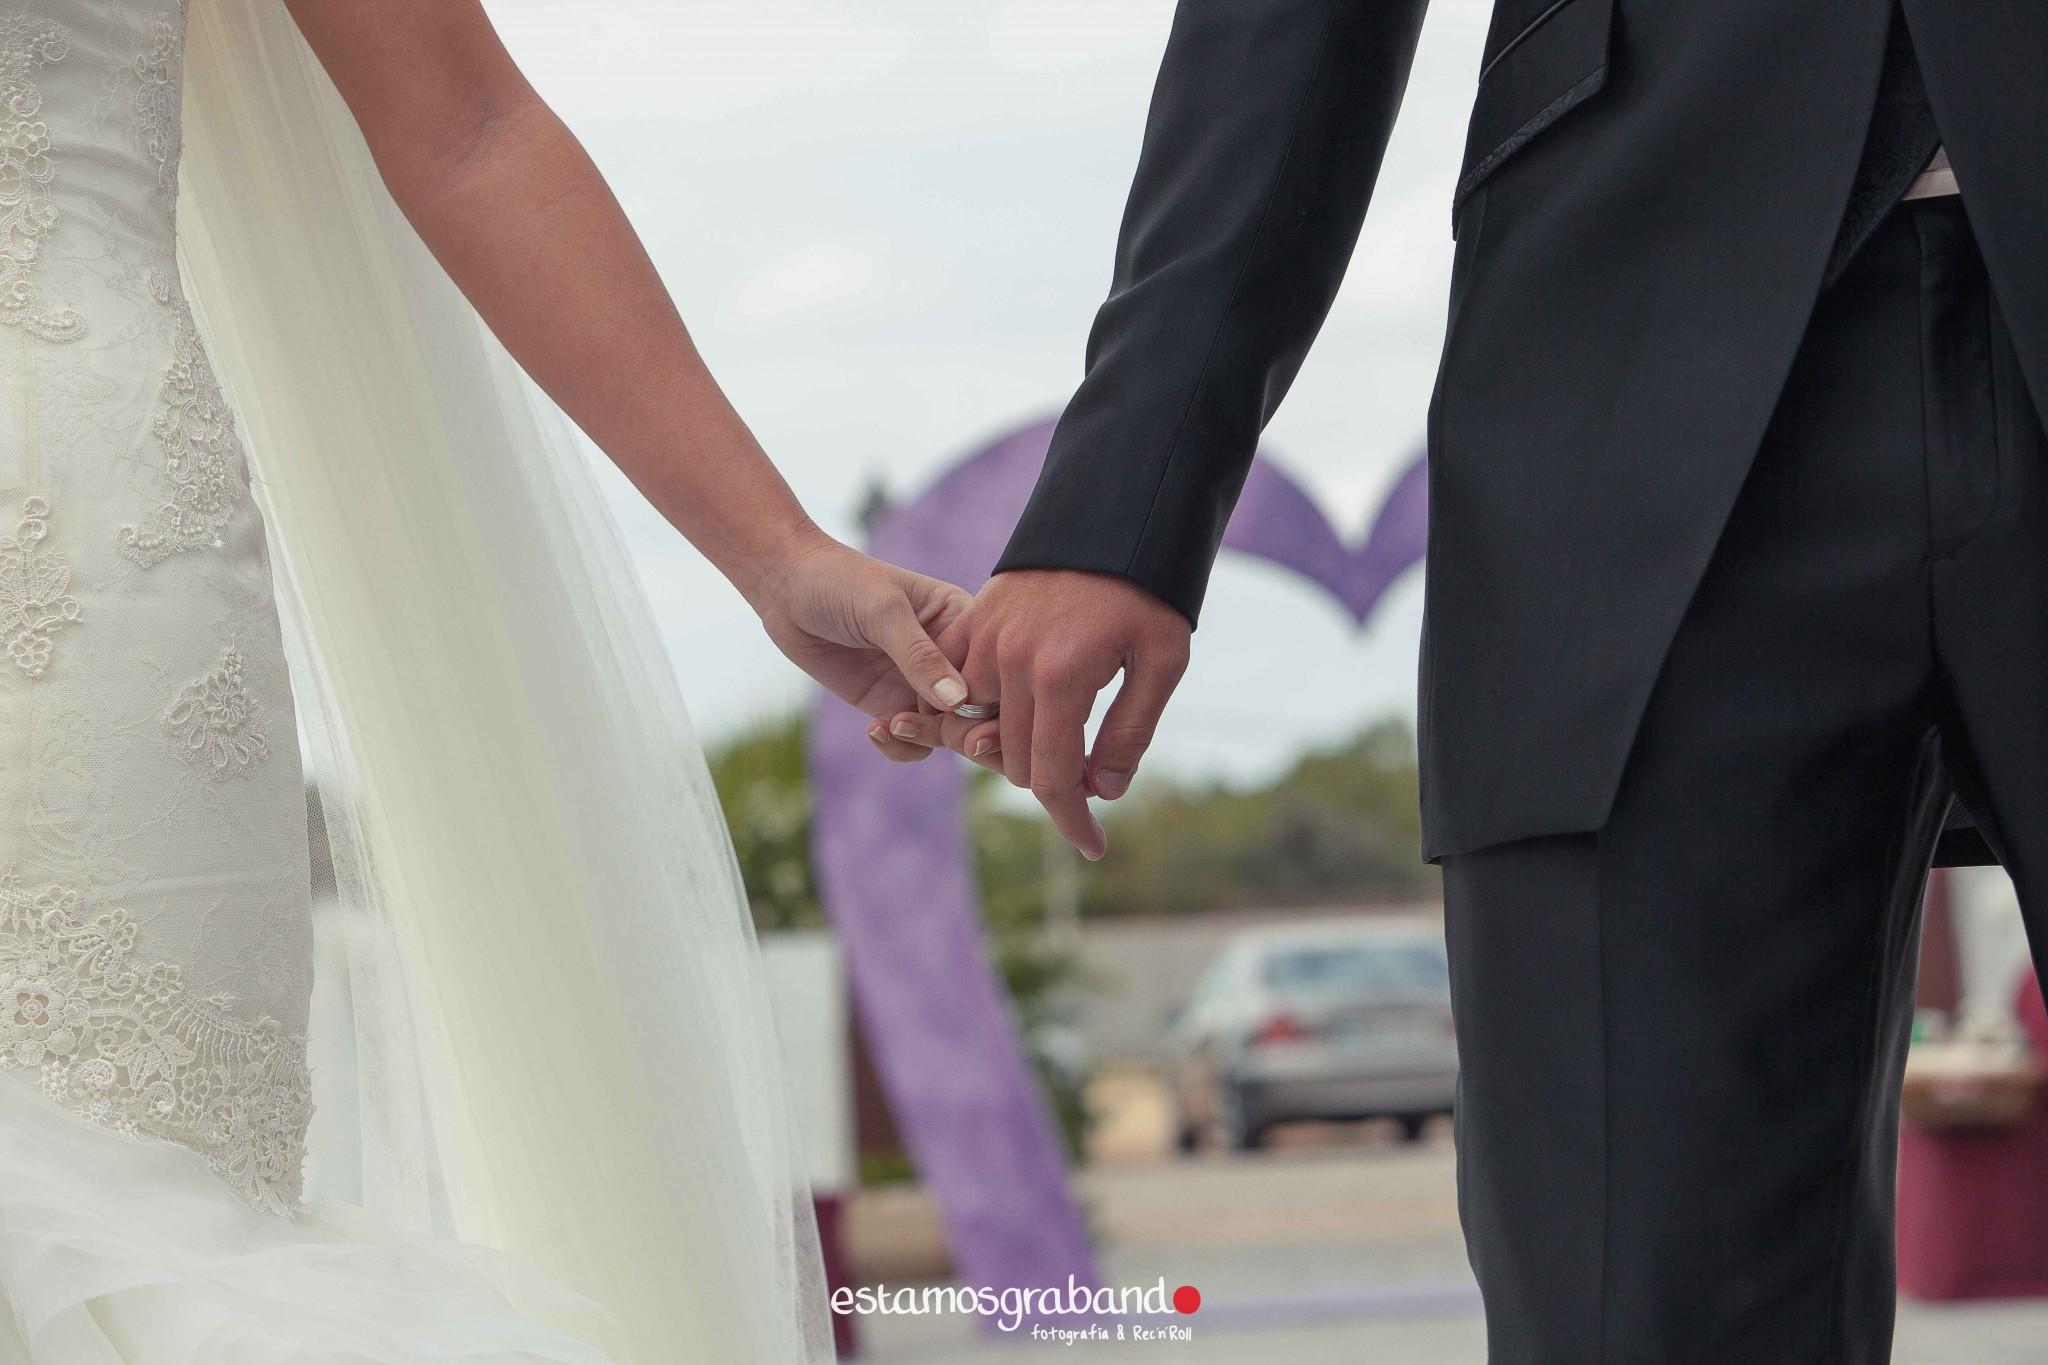 fotografia-de-boda_boda-en-cadiz_reportaje-de-fotos_boda-miriam-y-jesus-23 Emotions made in Cádiz [Fotografía de bodas en Cádiz] - video boda cadiz